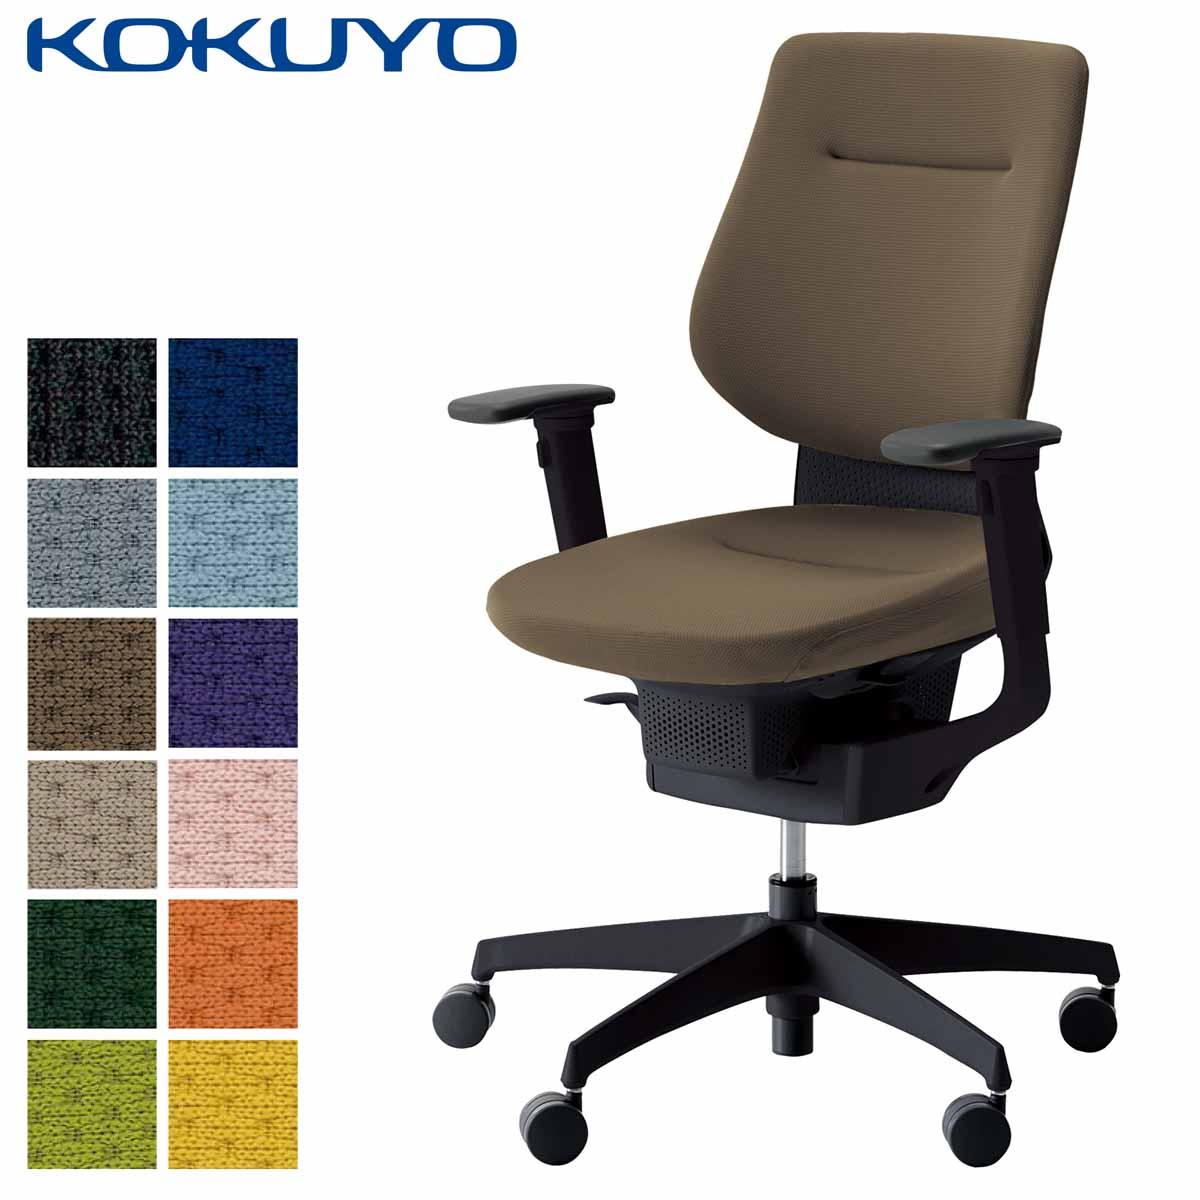 ラクラク納品 身体の自然な動きを引き出す360°Gliding Chiar コクヨ デスクチェア オフィスチェア 椅子 ing イング 可動肘 CR-G3213E6 ブラックシェル バーチカルタイプ 全商品オープニング価格 フローリング用キャスター -v 限定モデル ブラック樹脂脚 クッションタイプ